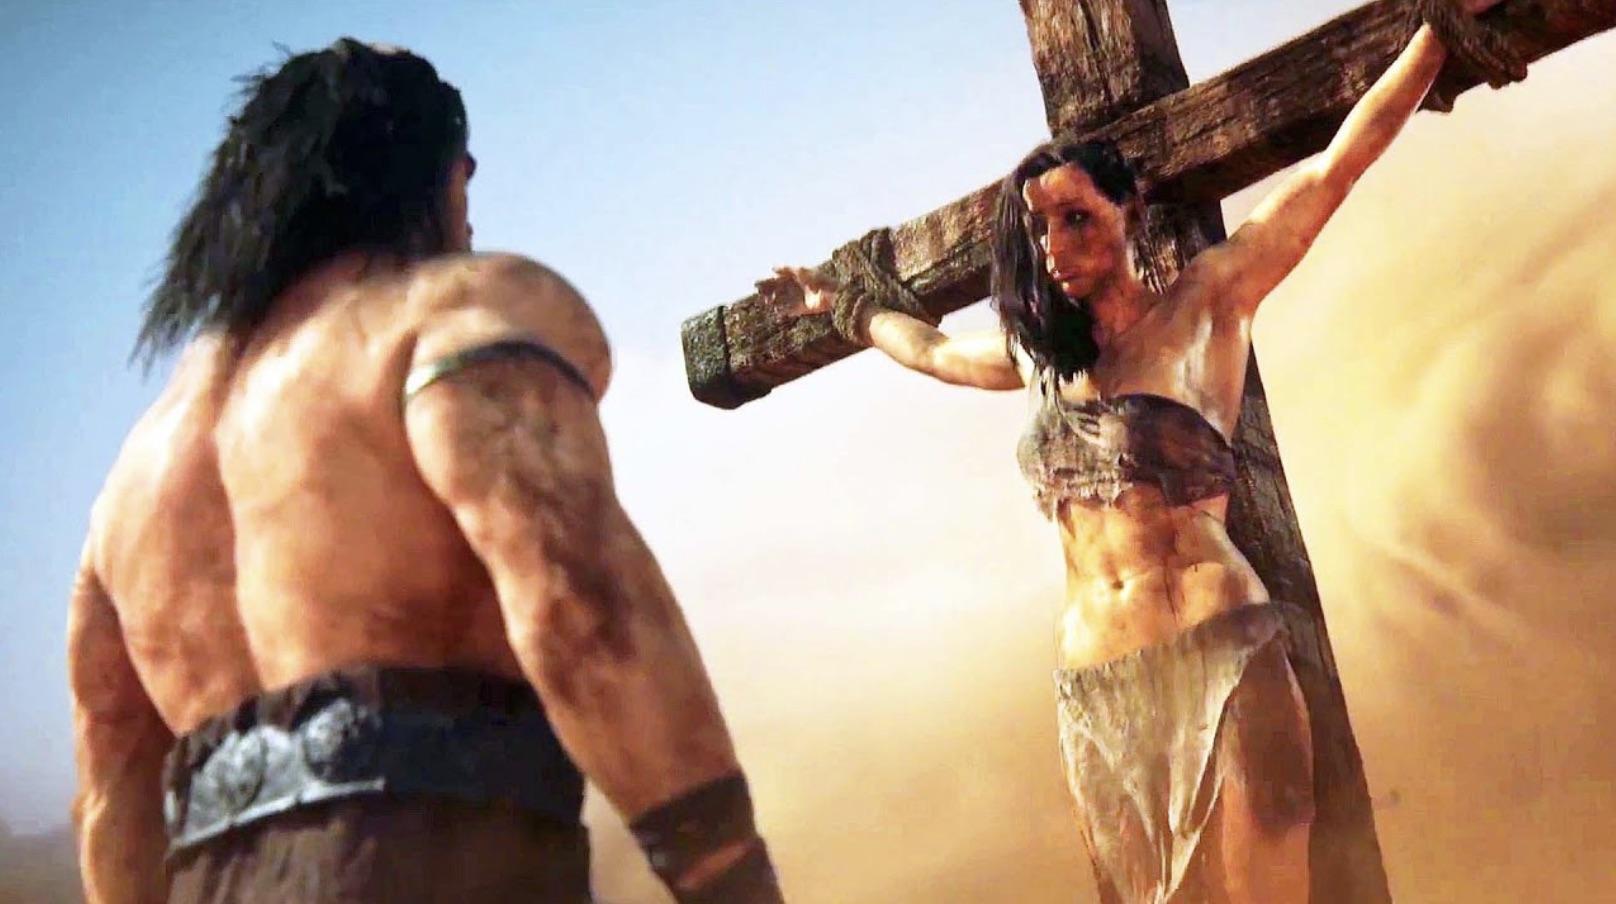 Conan Exiles - Journey Steps Made Easy — Gaudia Certaminis